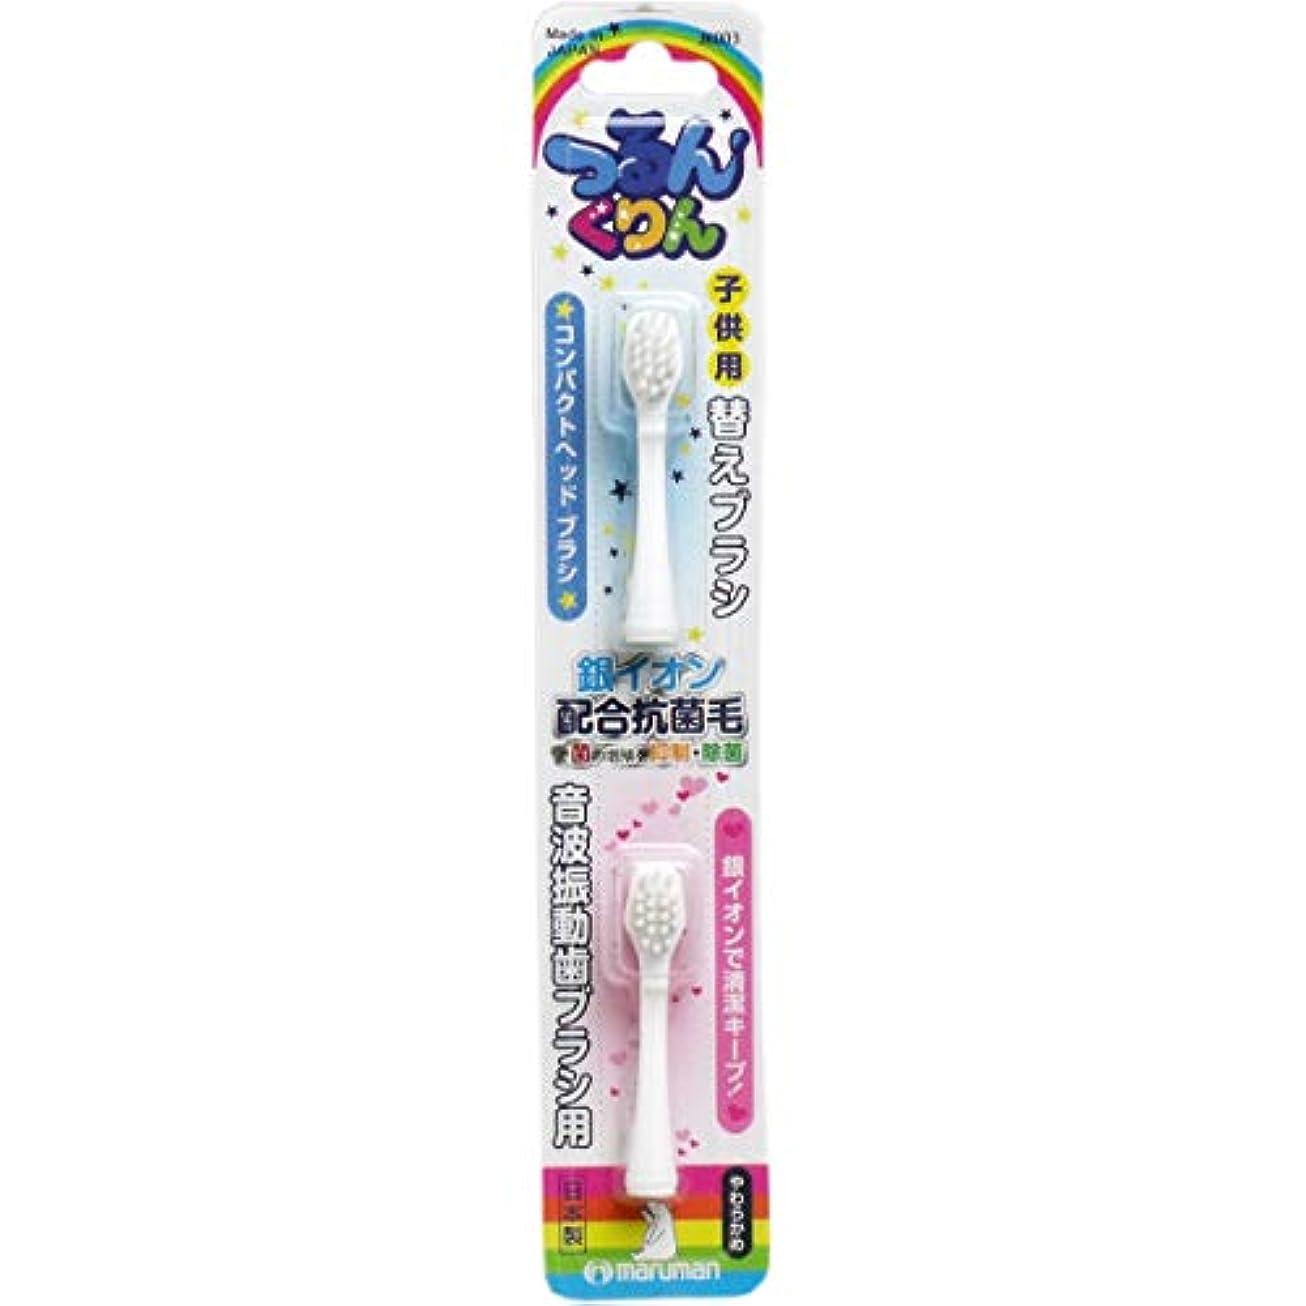 遺産シャトル欲望つるんくりん 音波振動歯ブラシ 子供用 替えブラシ JK003